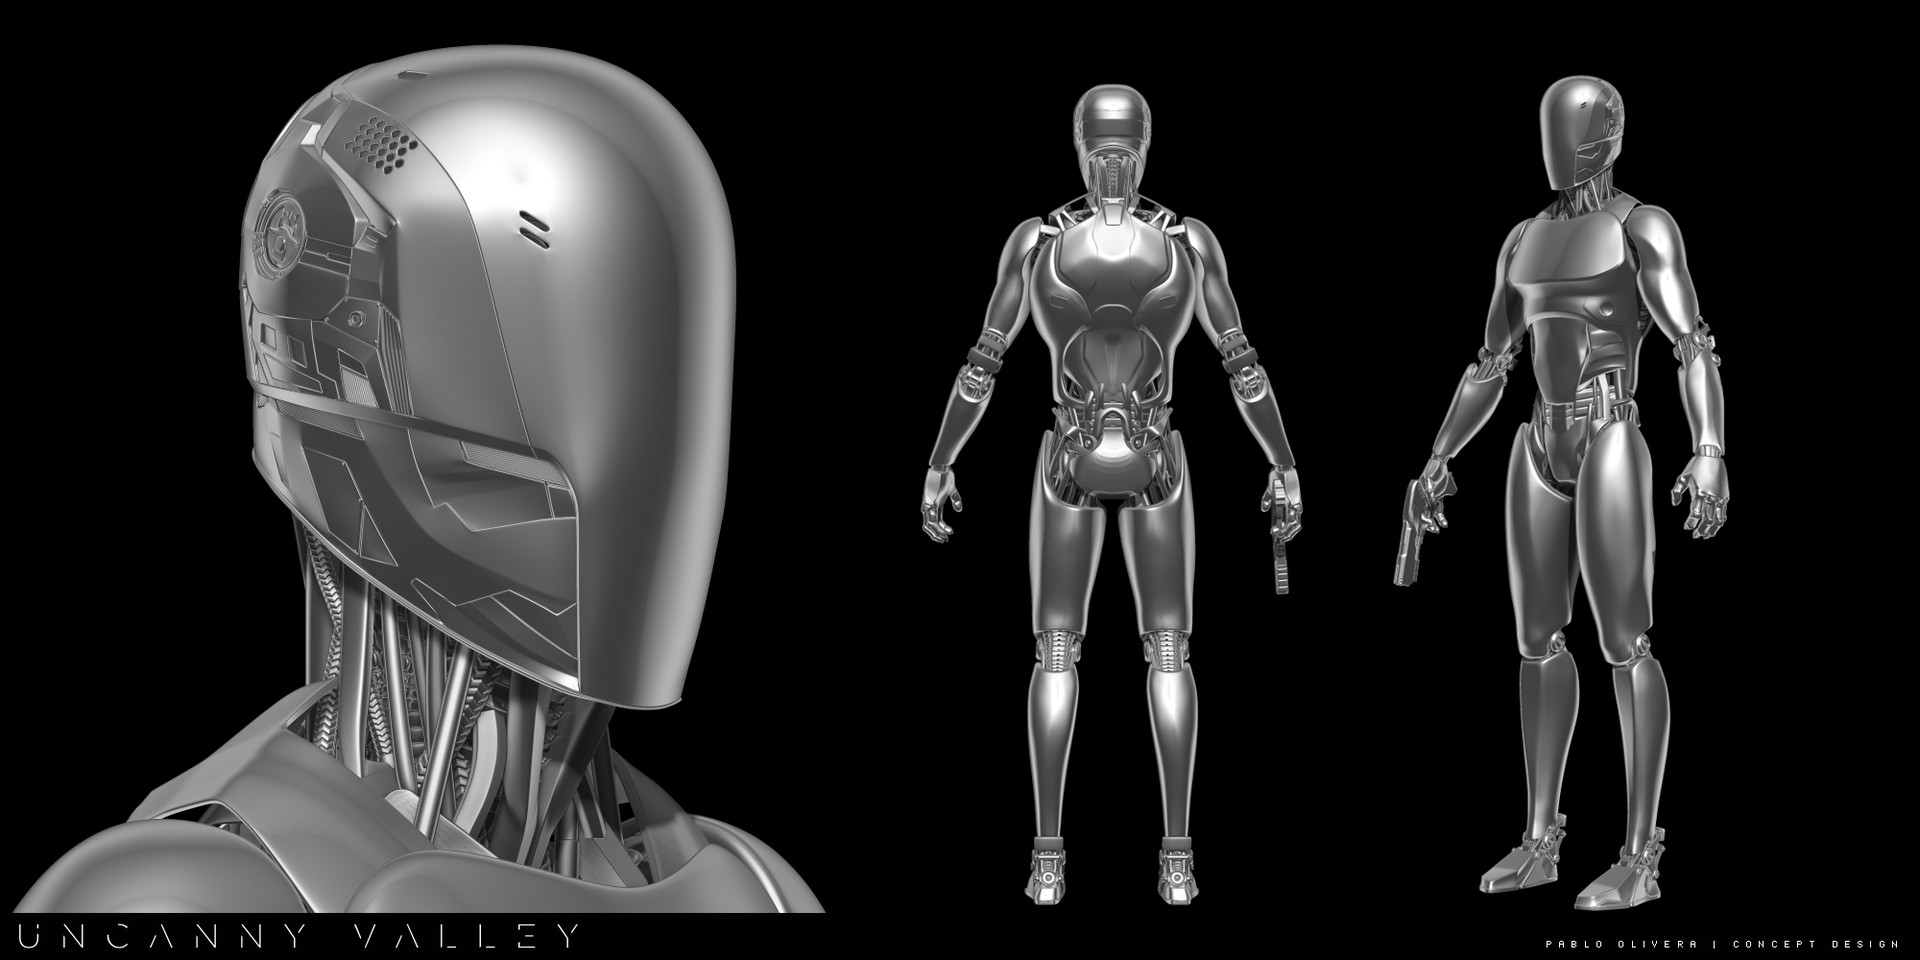 Pablo olivera uncanny valley character design robot detalle2